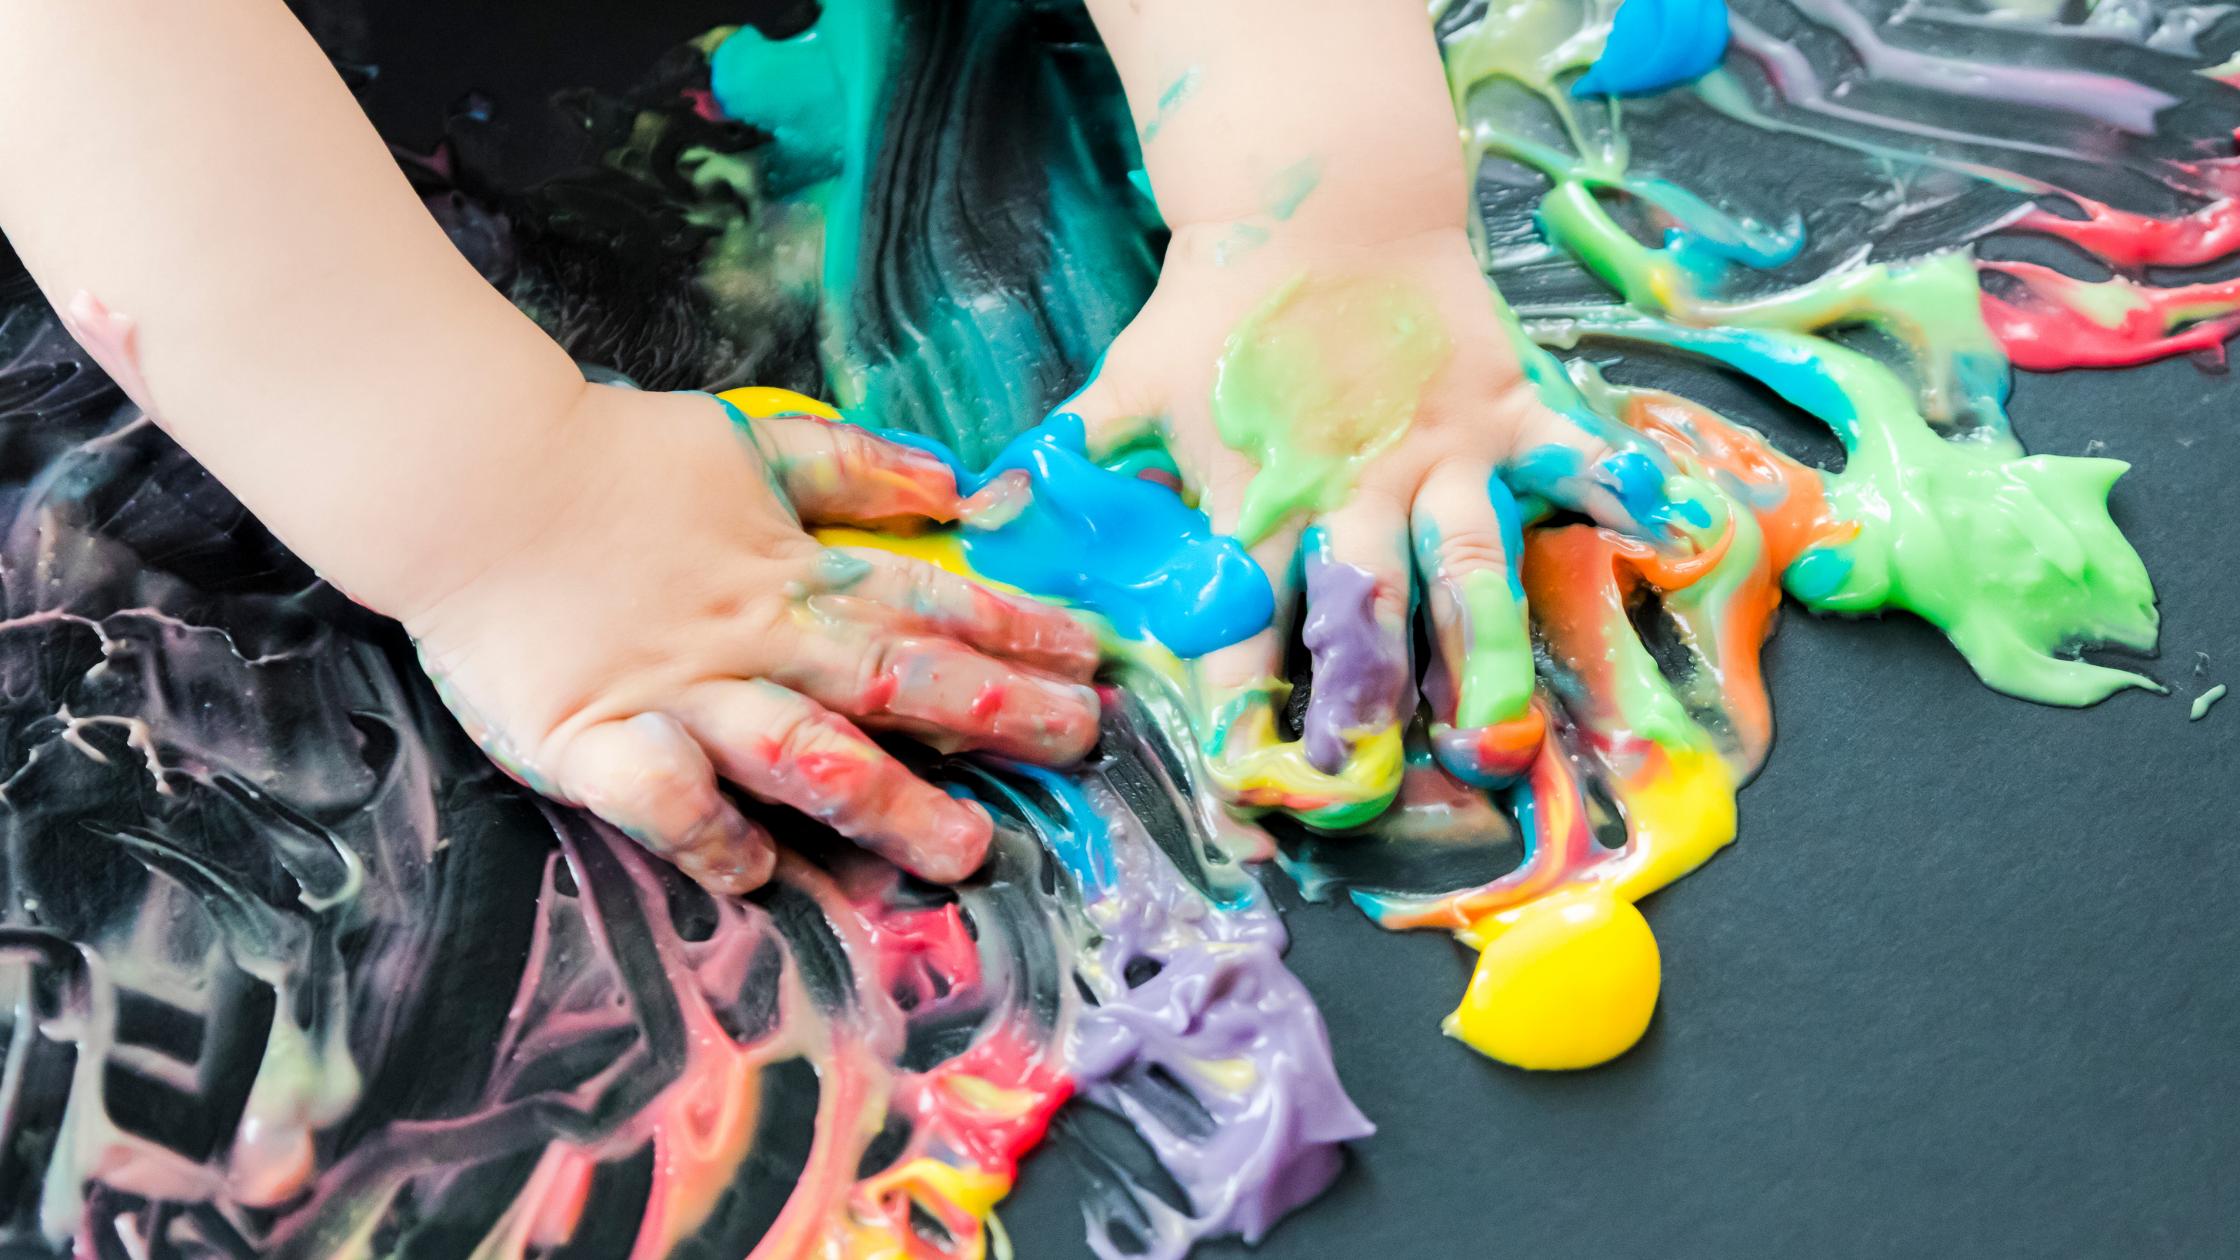 Baby hands in paint